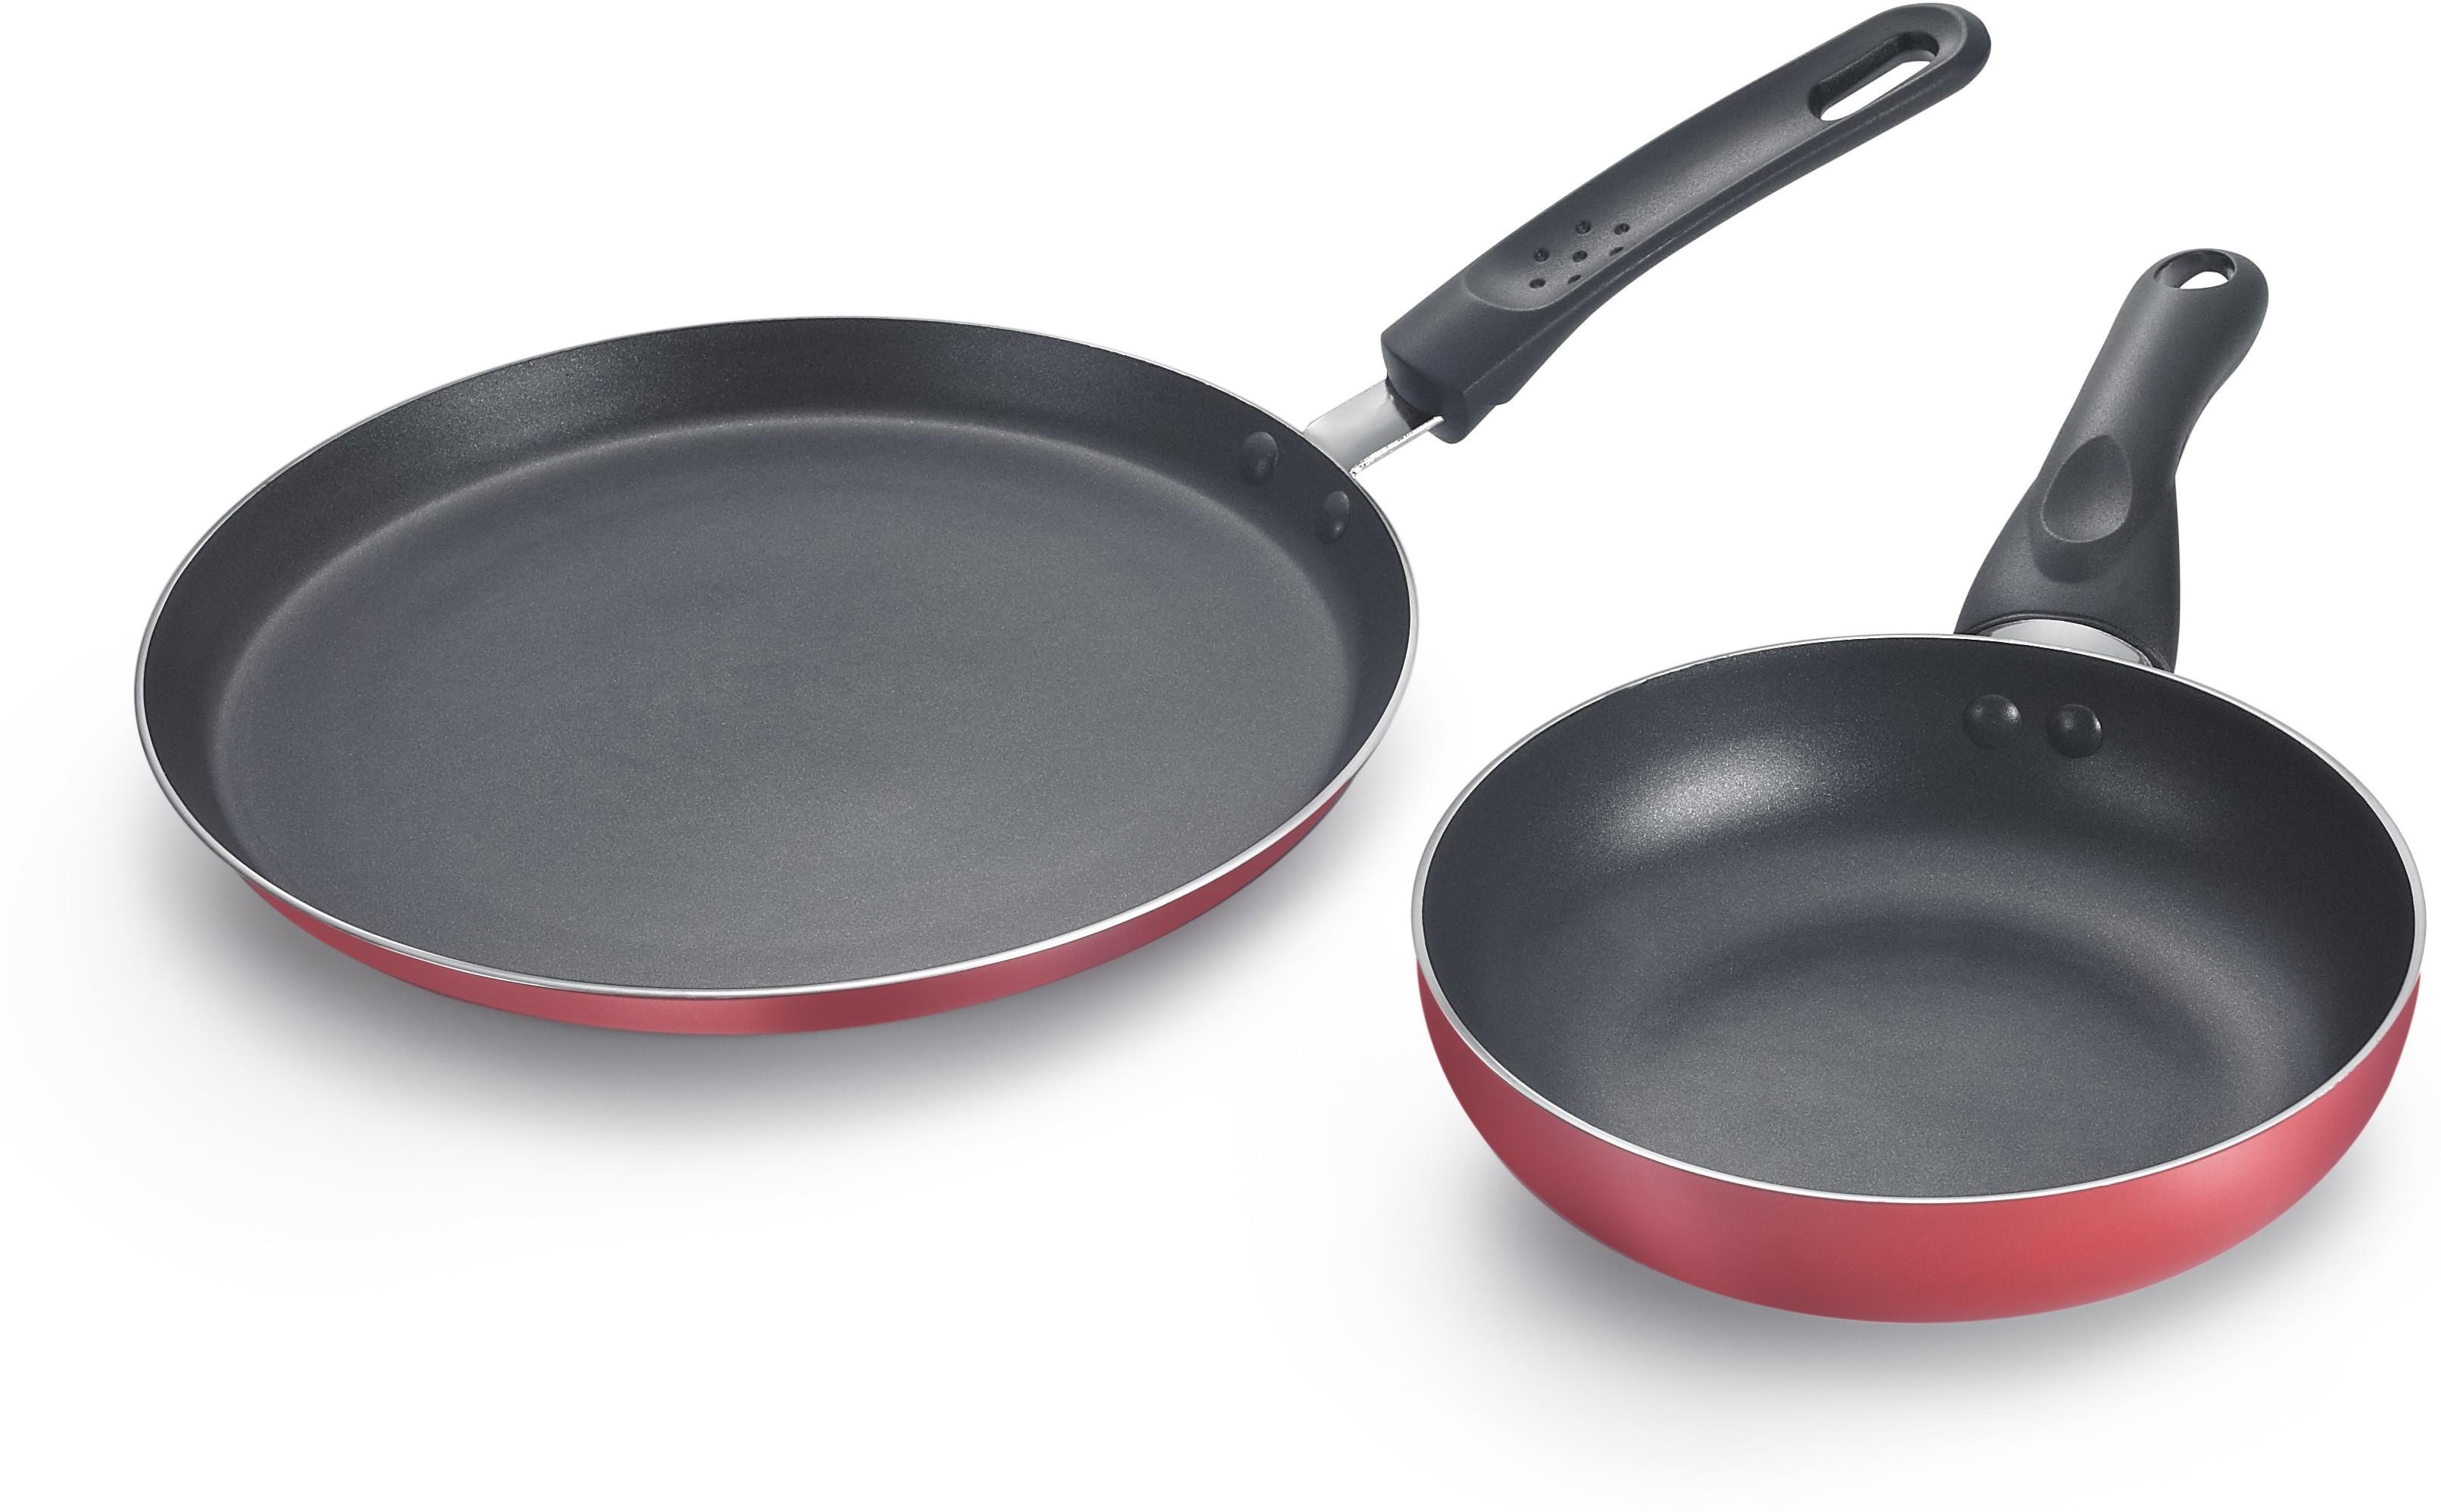 Deals - Hyderabad - Prestige <br> Induction Bottom Twin Pack Set<br> Category - kitchen_dining<br> Business - Flipkart.com